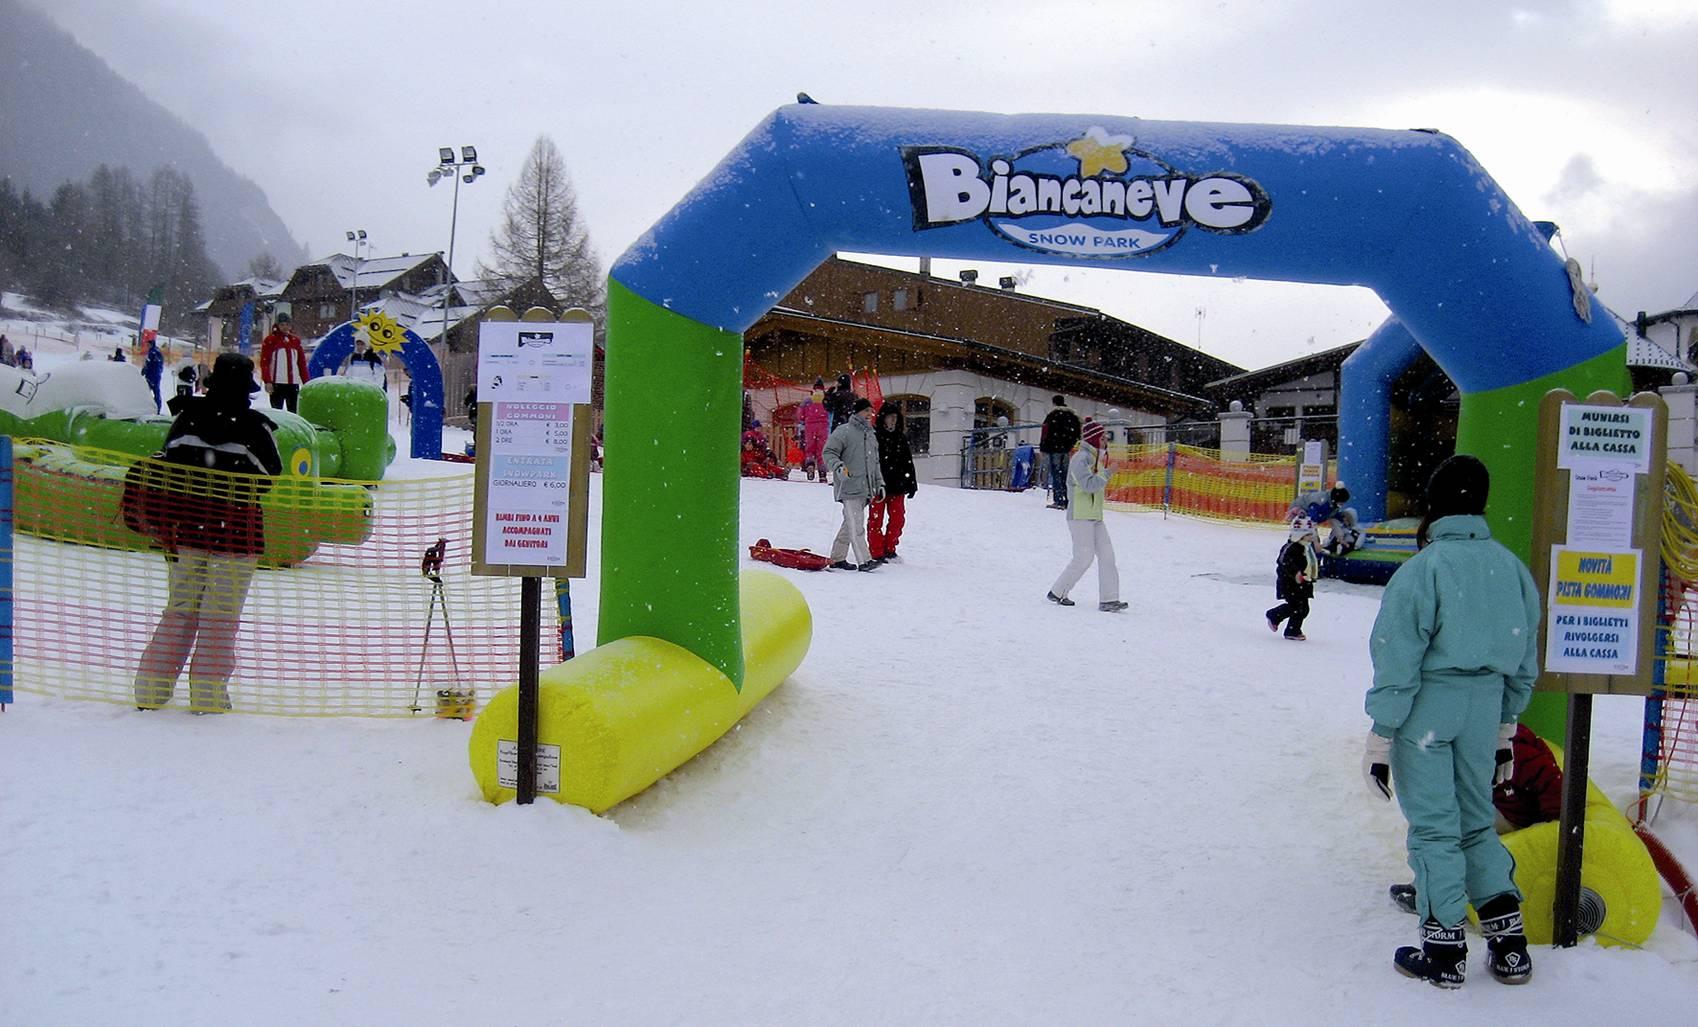 Orari e prezzi Biancaneve Snow Park a Cogolo di Peio